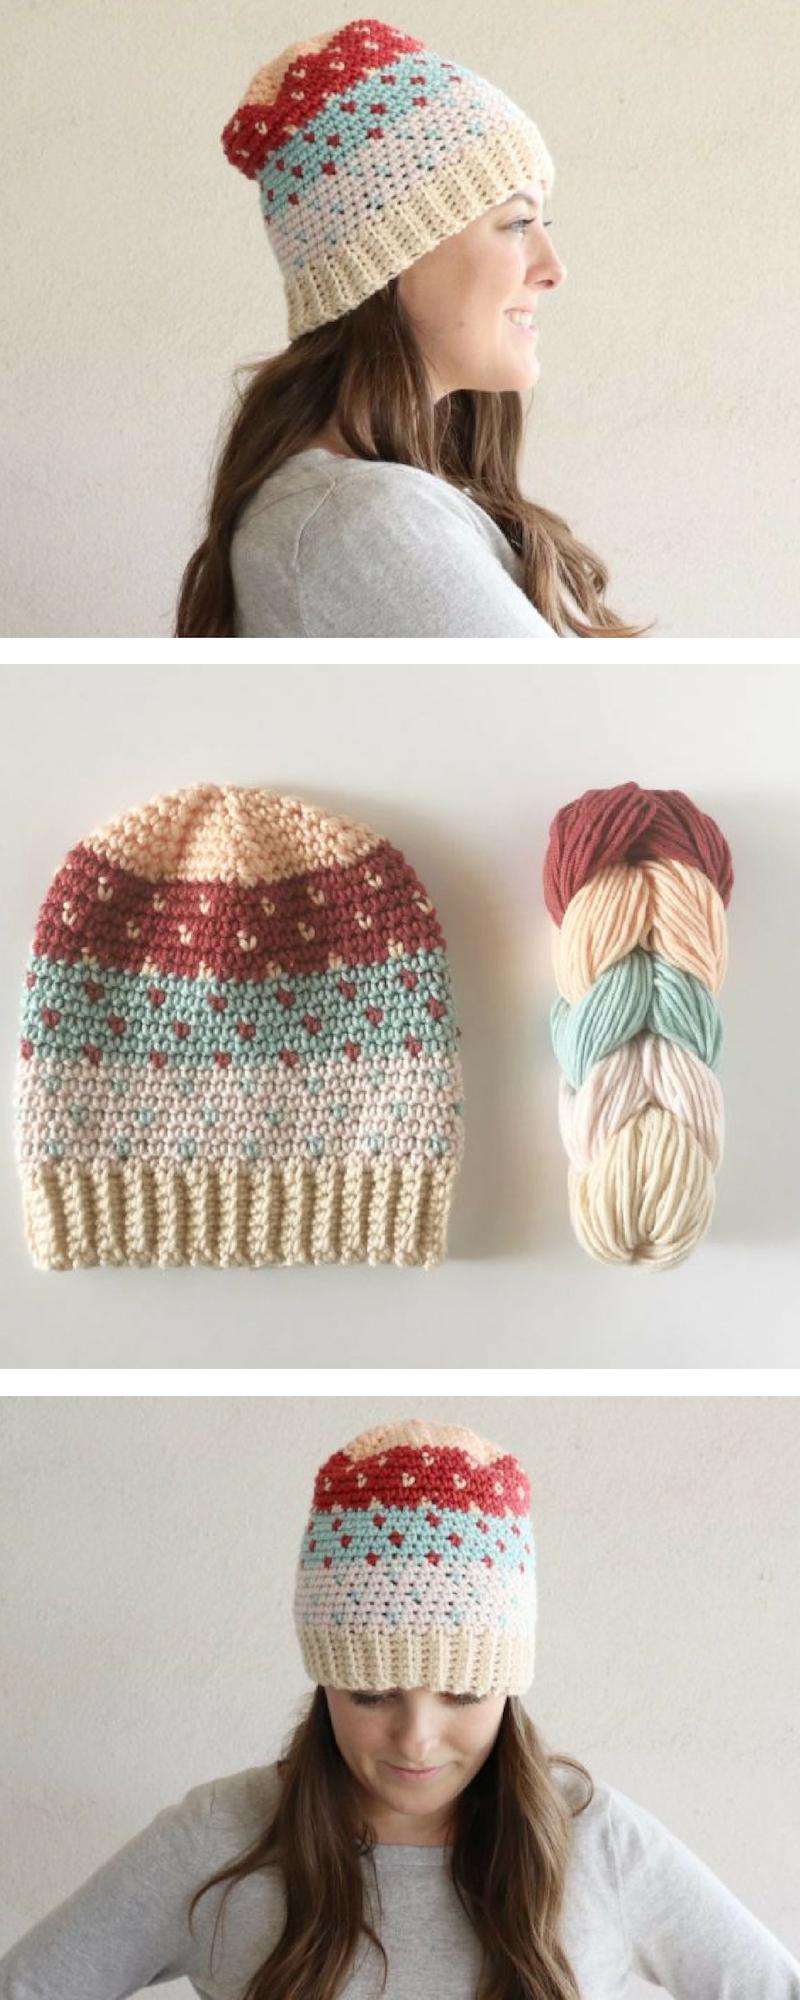 Free Pattern - Crochet Pantone Hat   Free Crochet Patterns ...